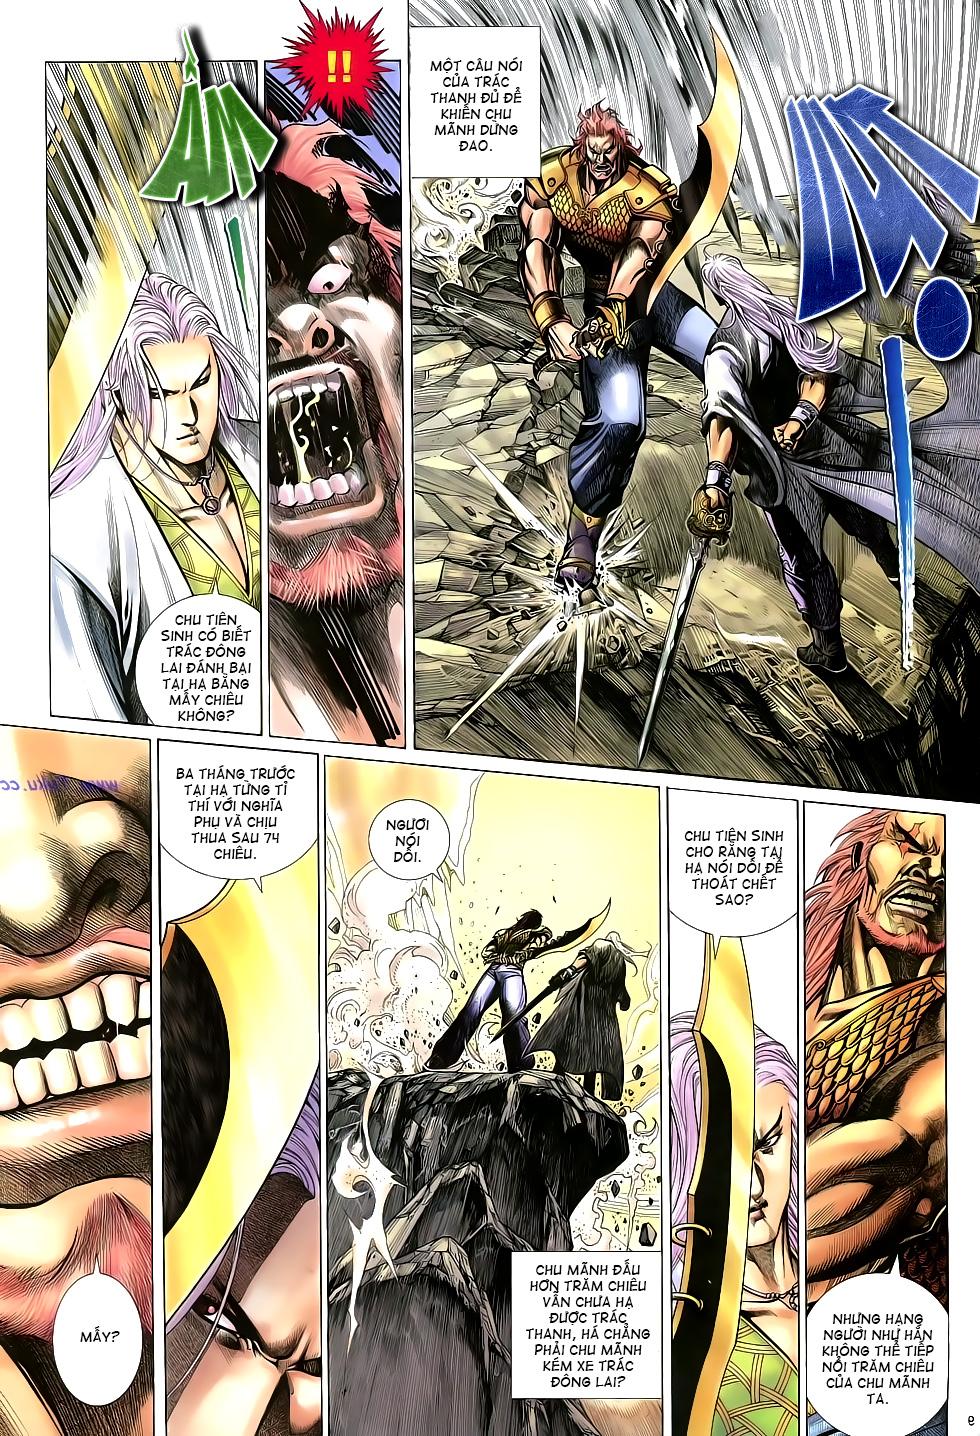 Anh hùng vô lệ Chap 16: Kiếm túy sư cuồng bất lưu đấu  trang 10